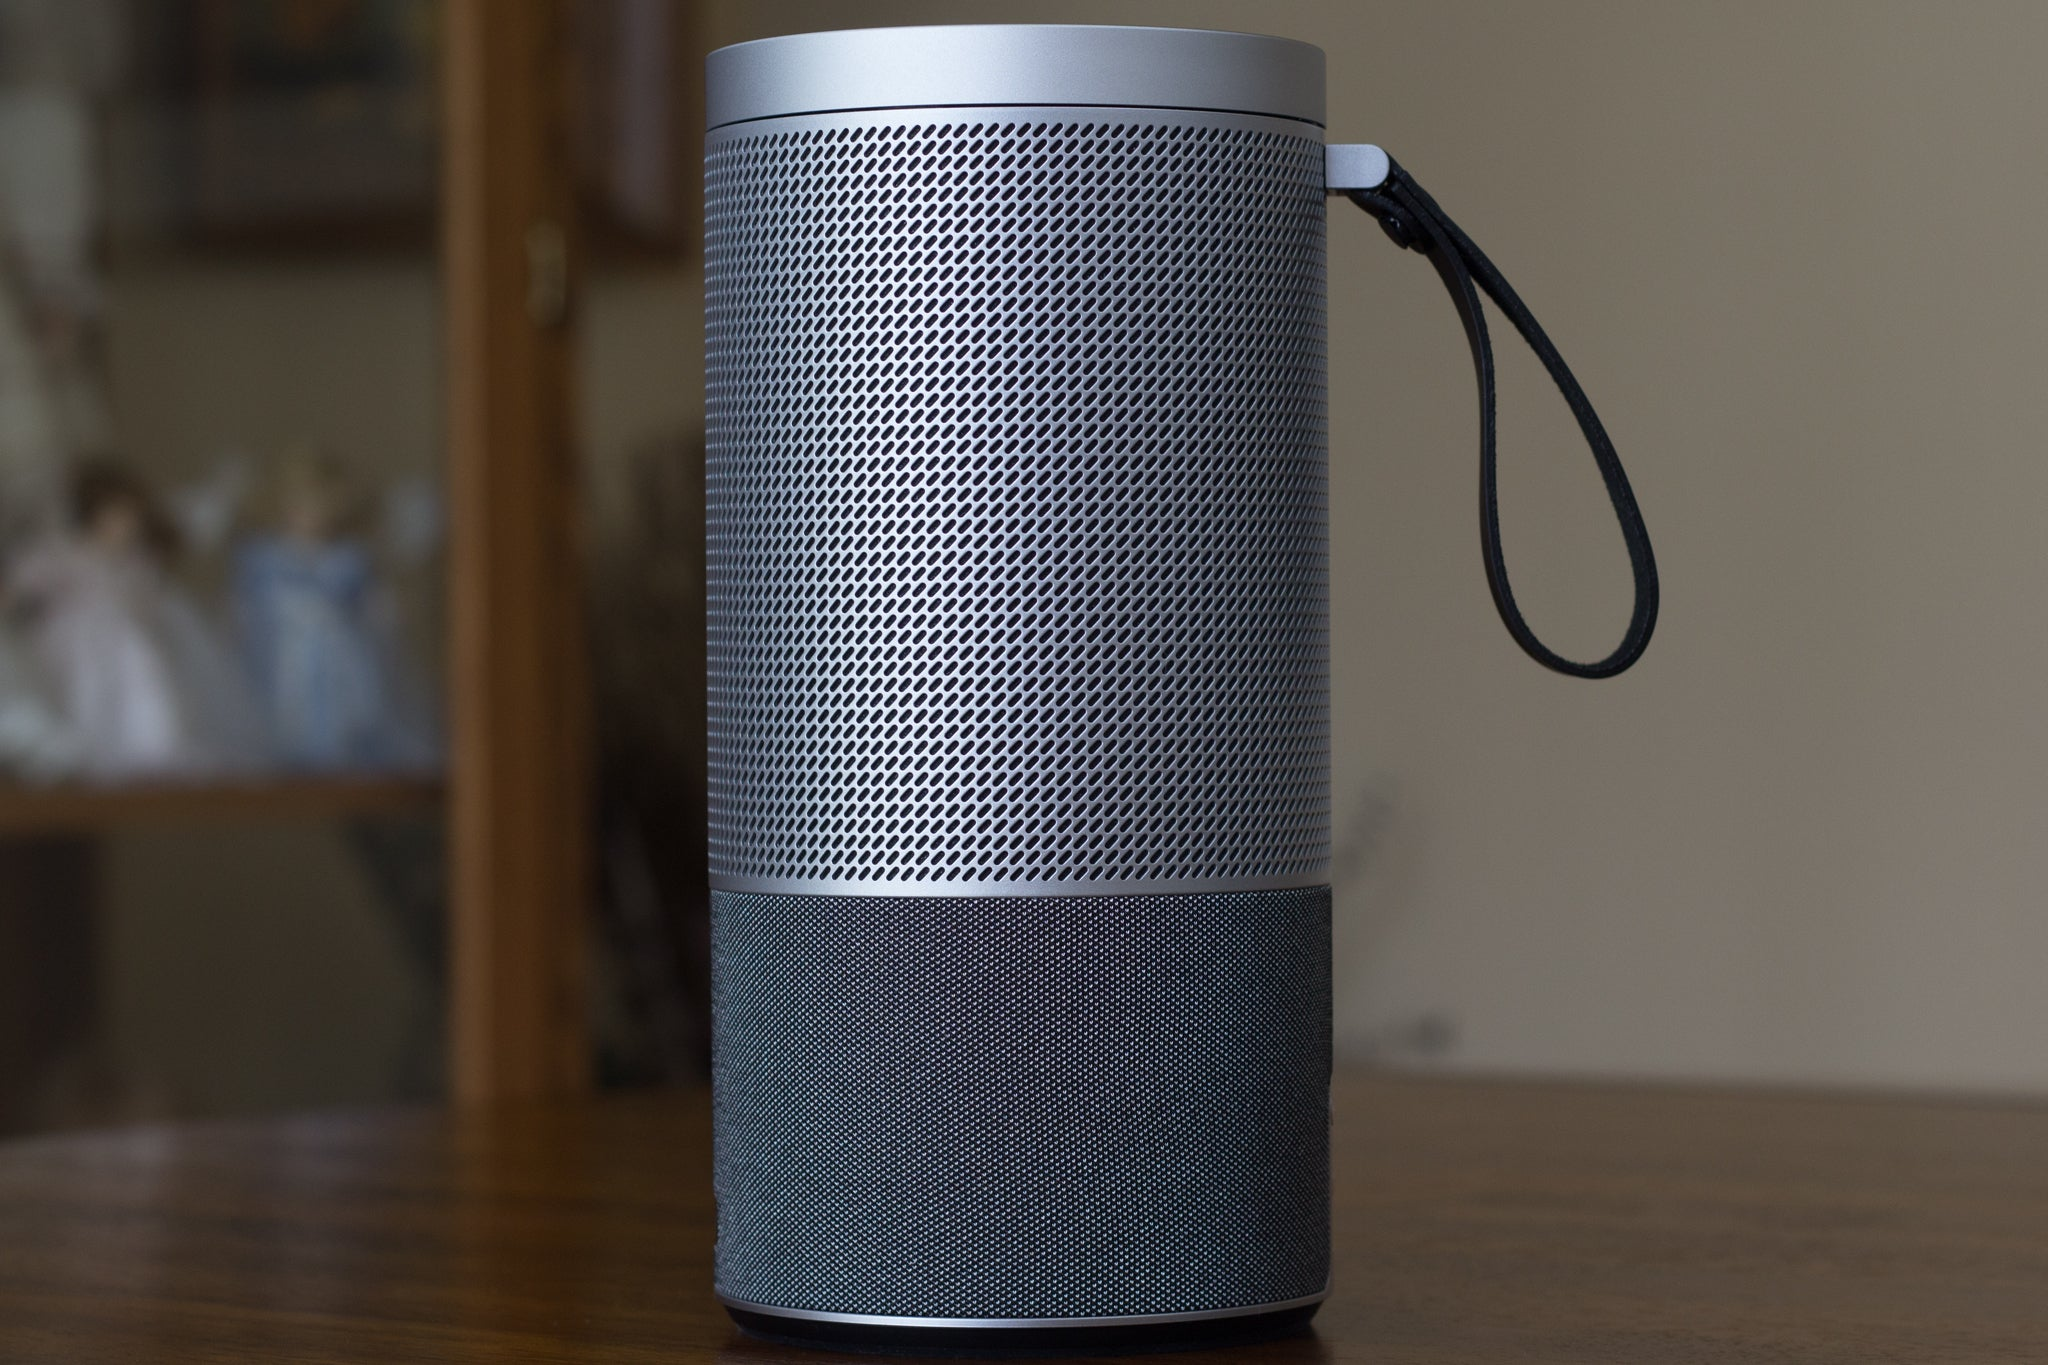 Vizio Smartcast Crave 360 Review Great Features But Mediocre Sound Er Advance R1 Strap